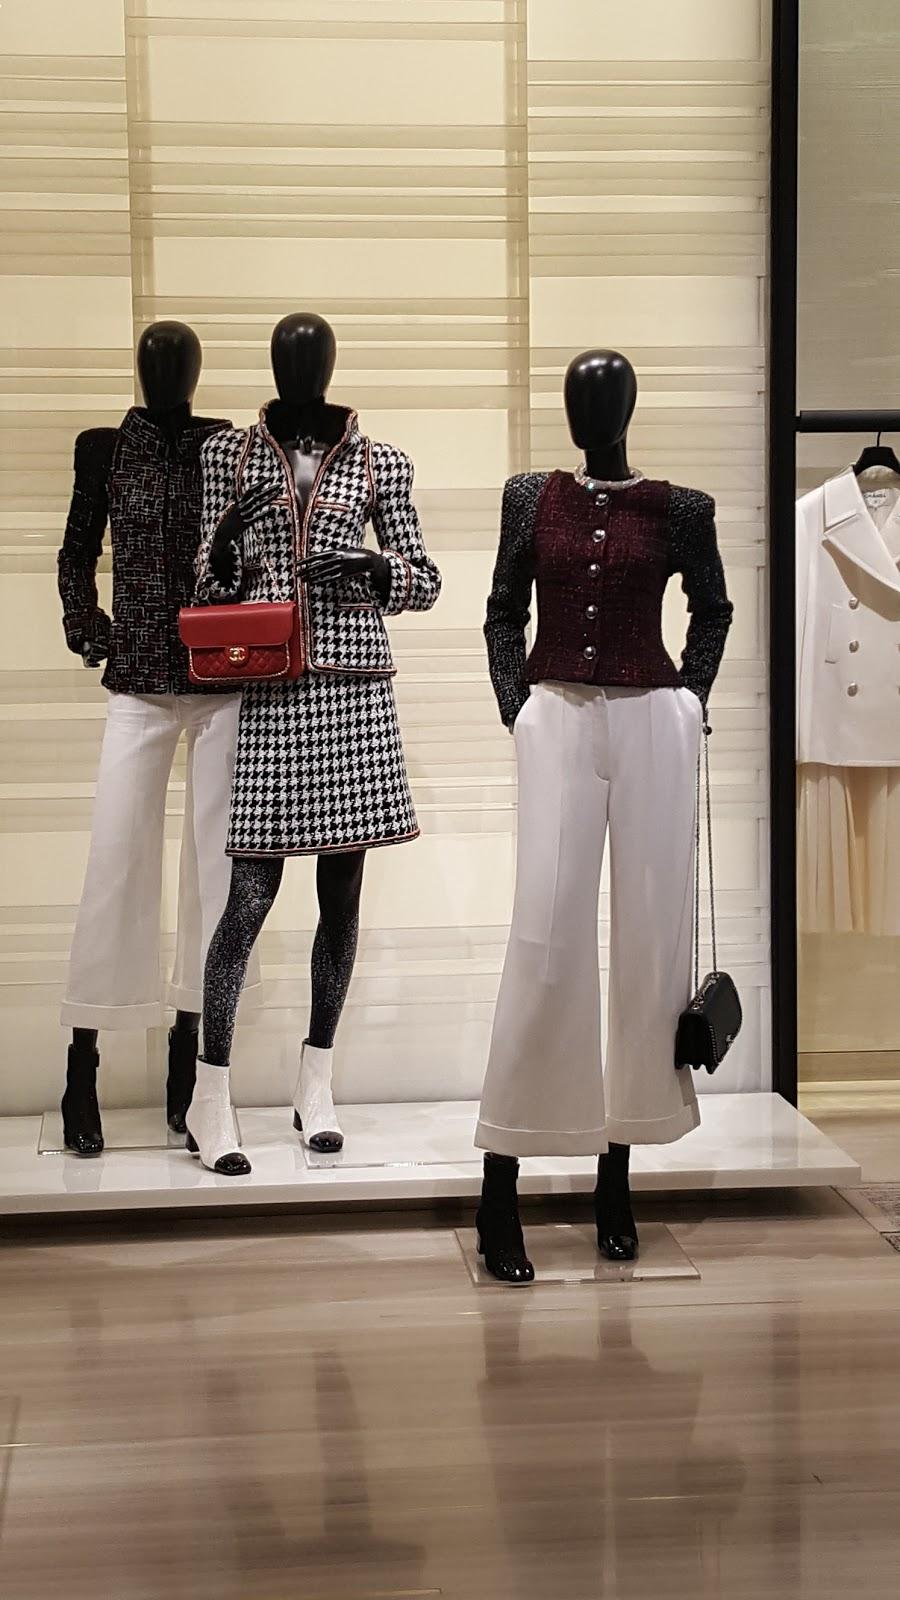 ニーマンマーカスのシャネルの三種類のスーツのマネキン